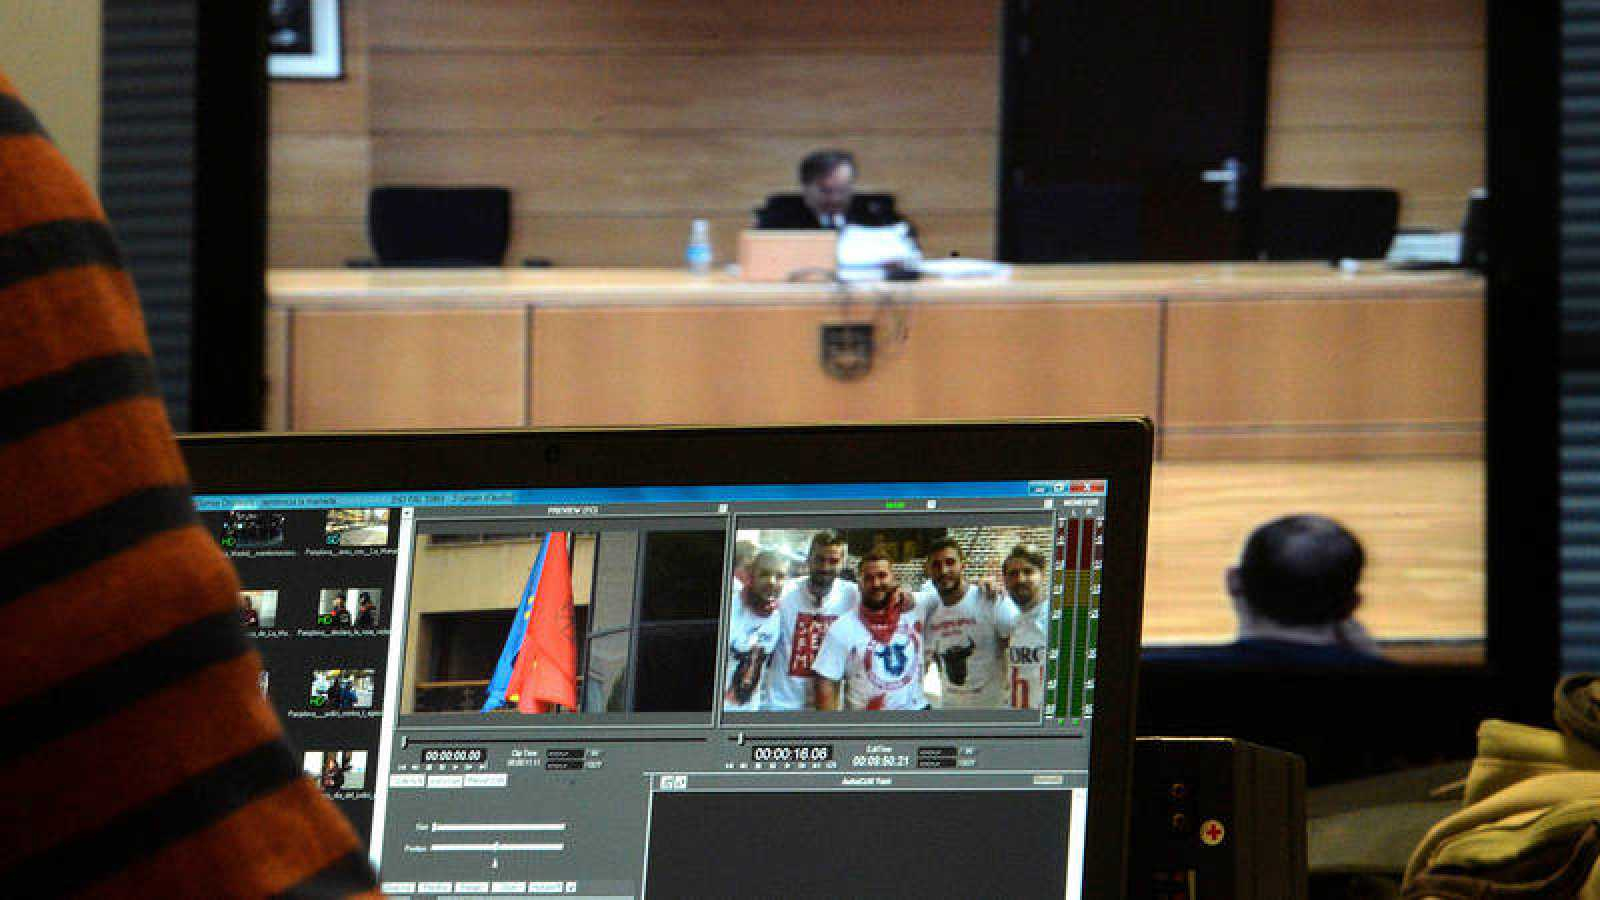 Jose Francisco Cobo, magistrado de la Sala Segunda de la Audiencia de Navarra da lectura al fallo contra 'La Manada'